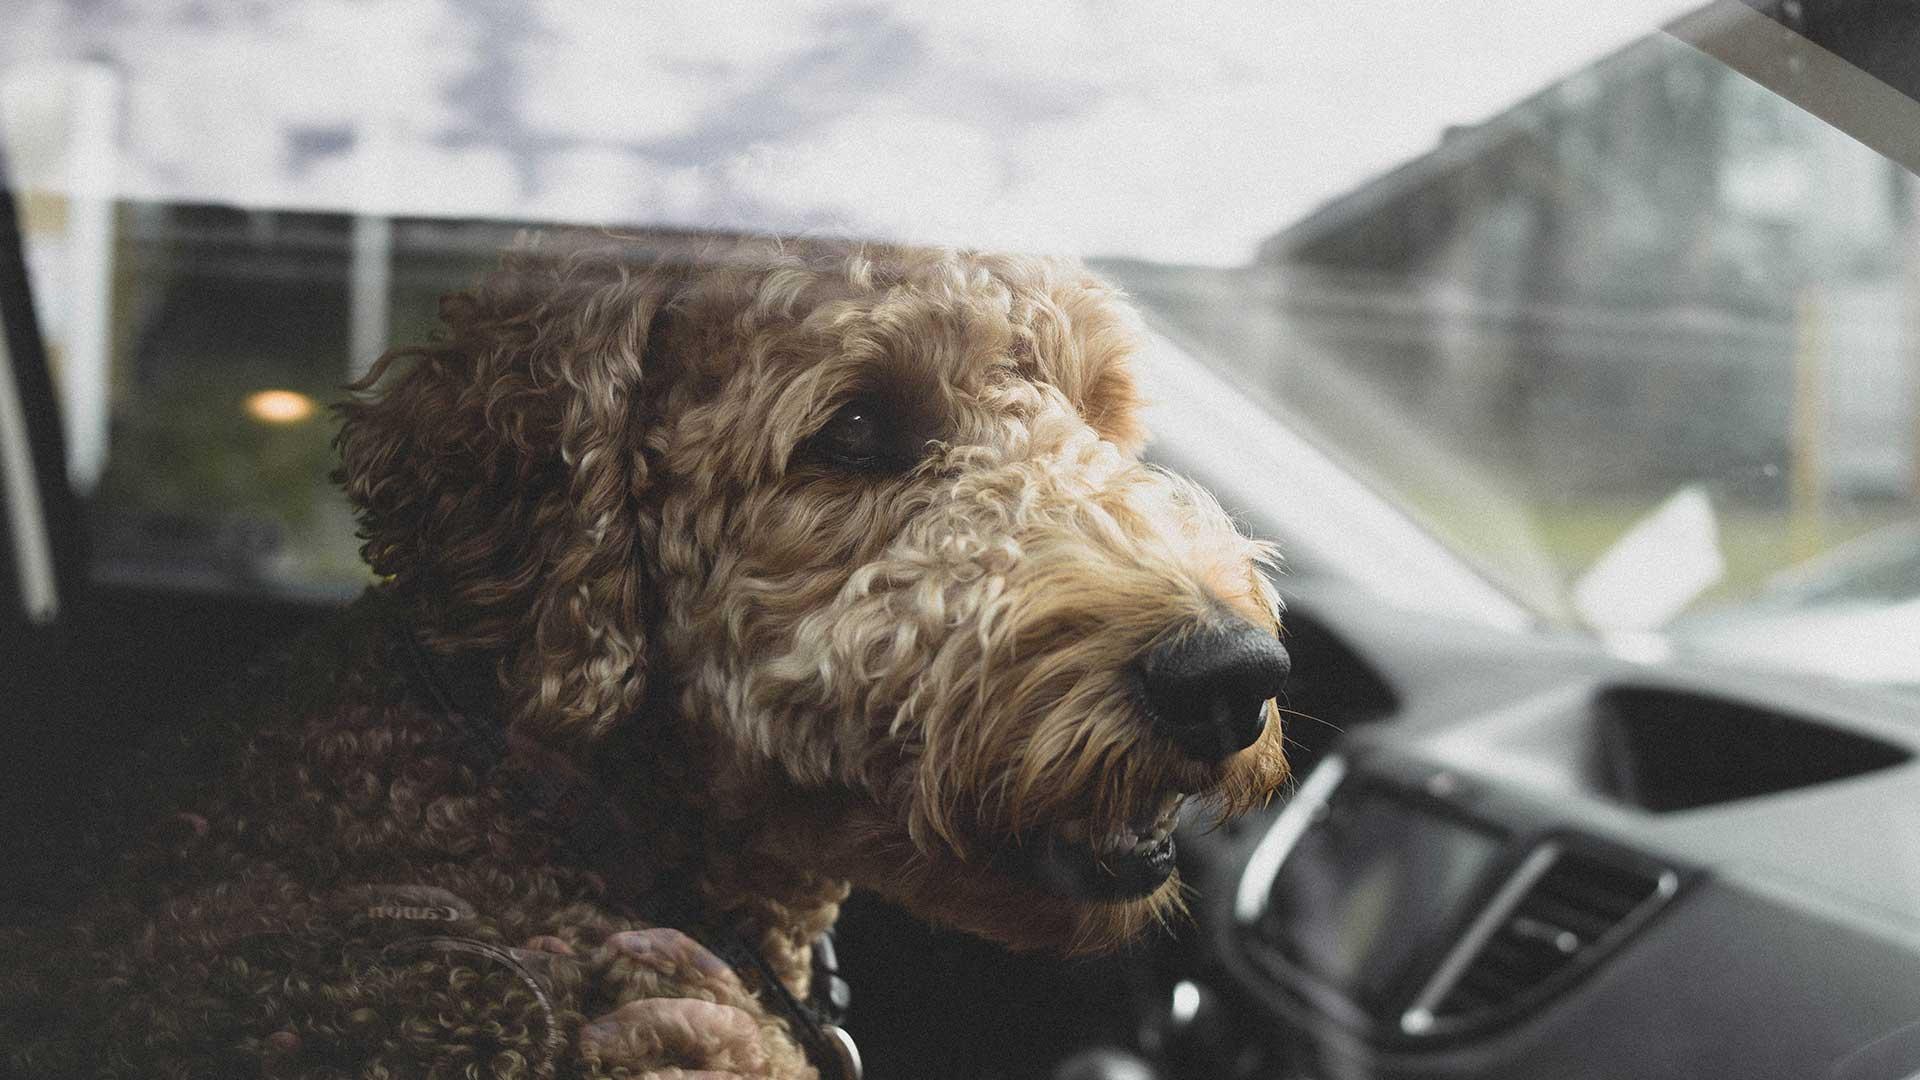 Wat doe je als je een hond in een hete auto ziet?